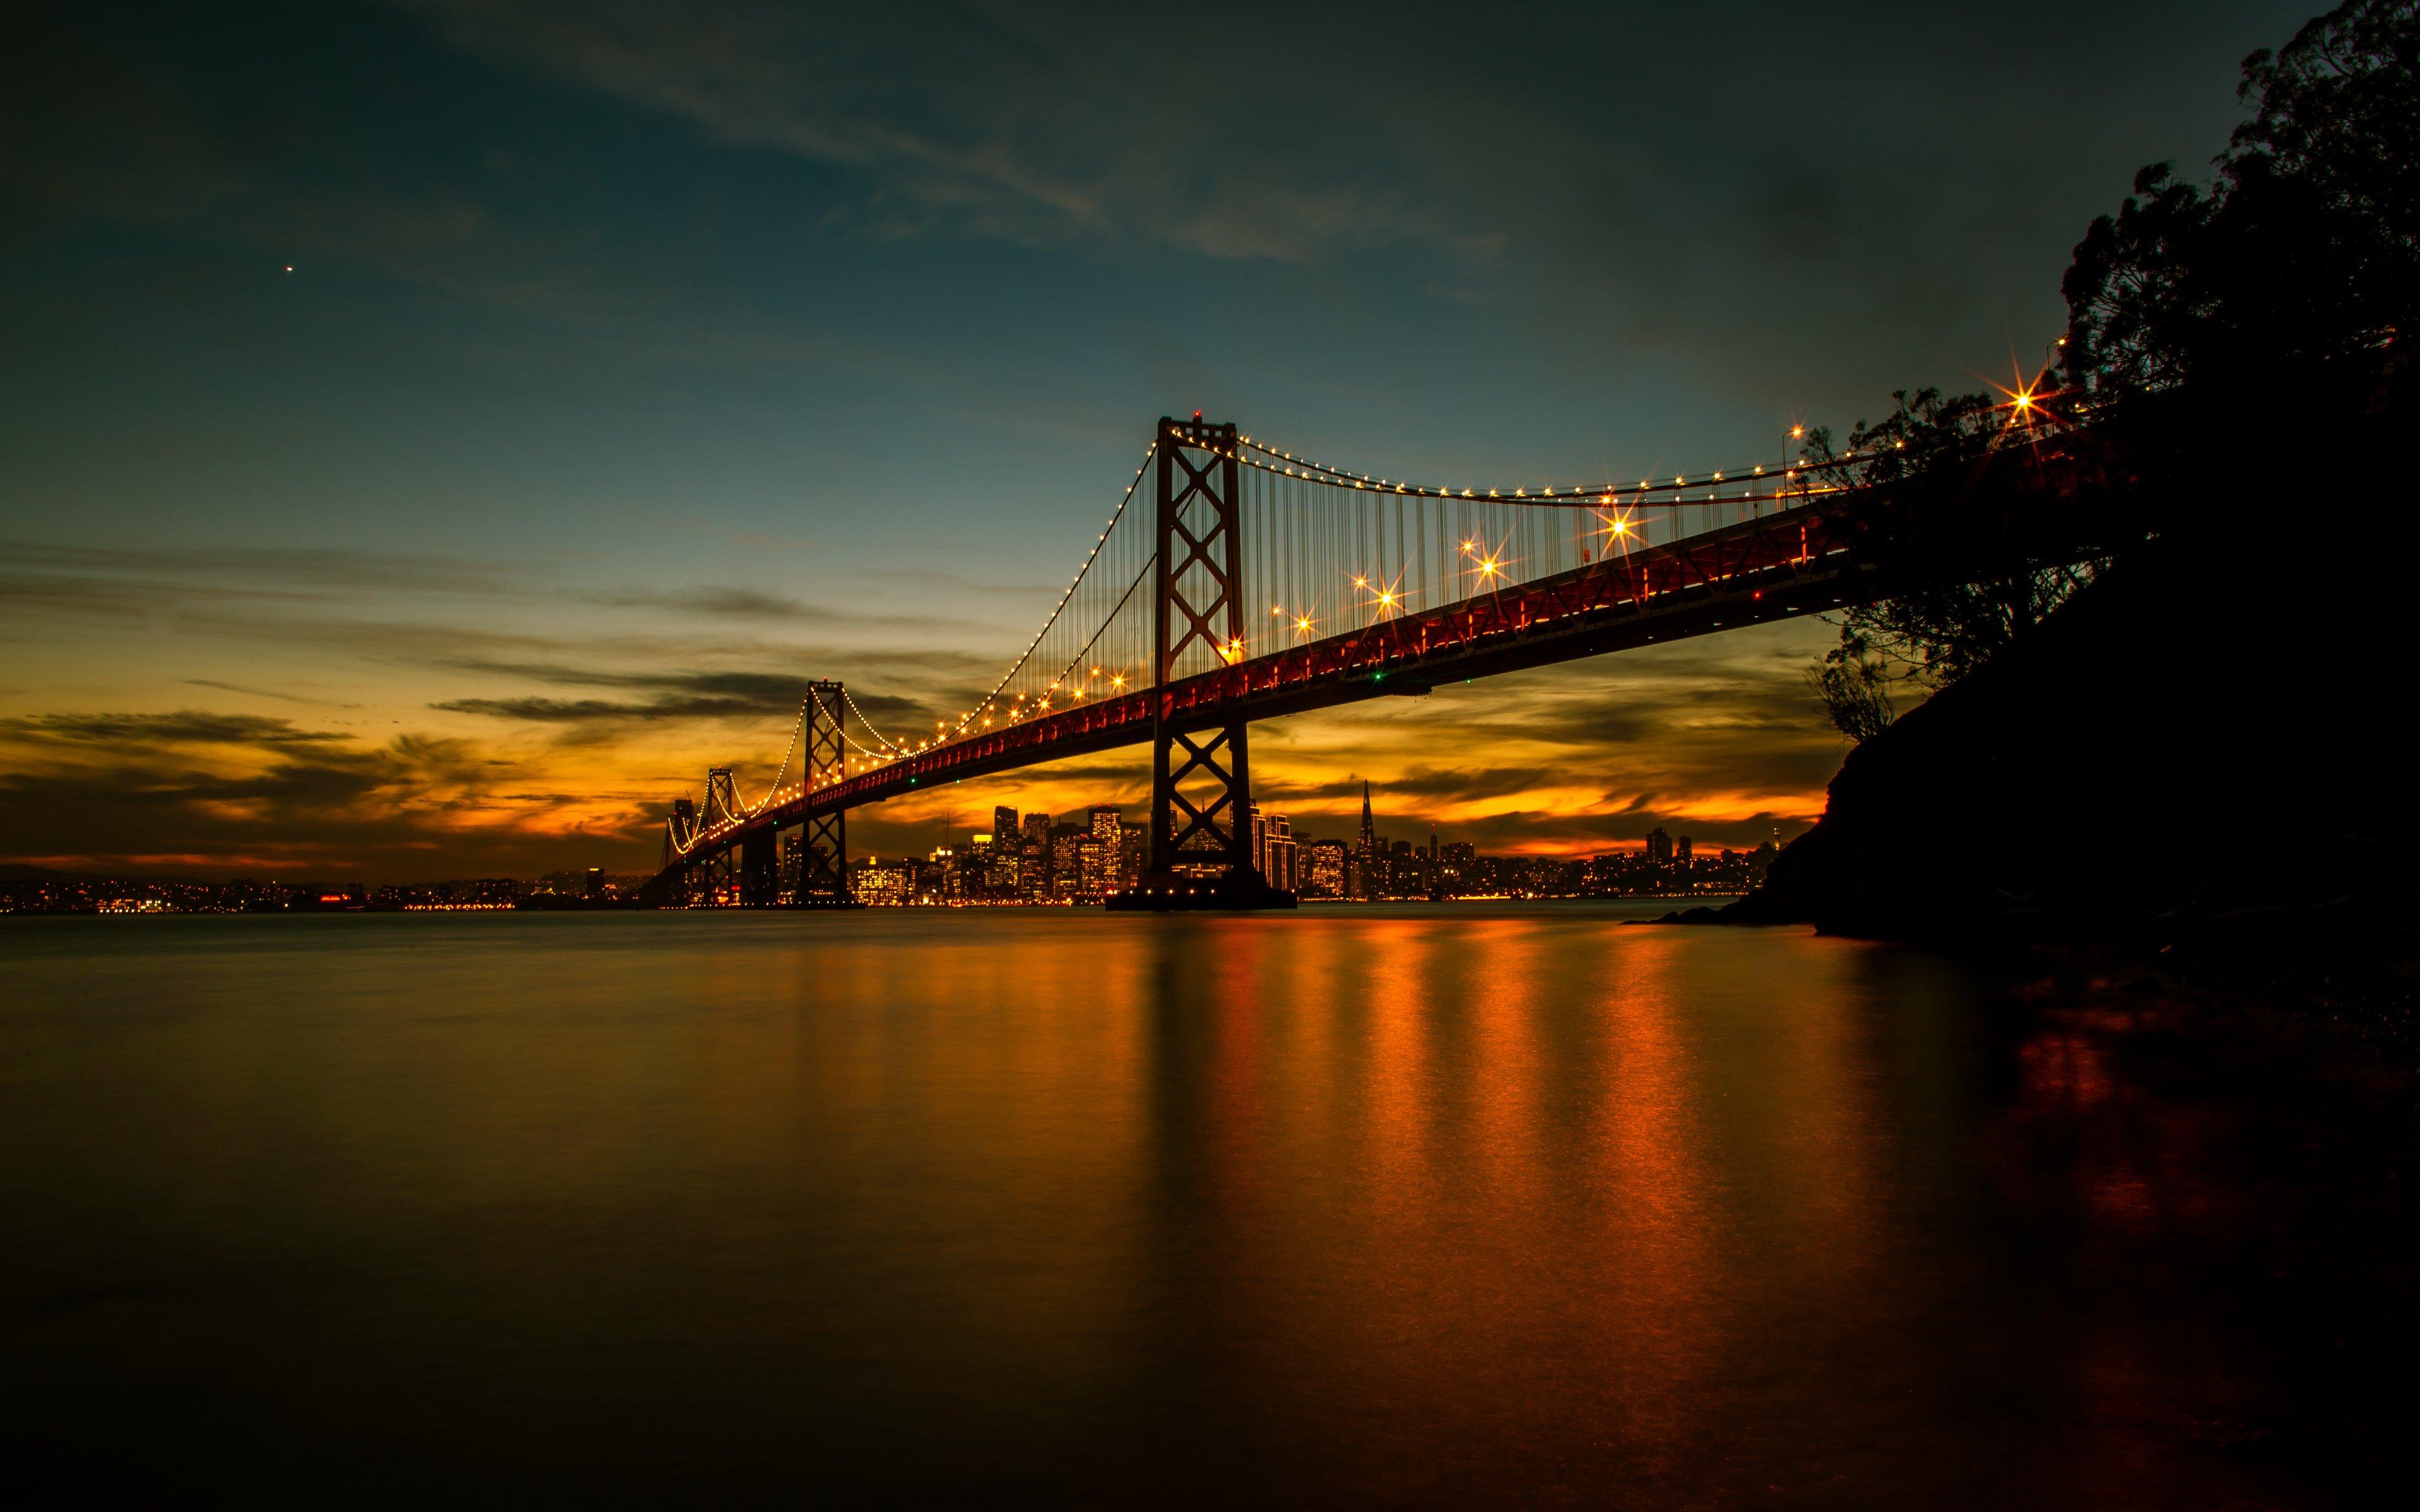 Fondos de pantalla Puente de San Francisco